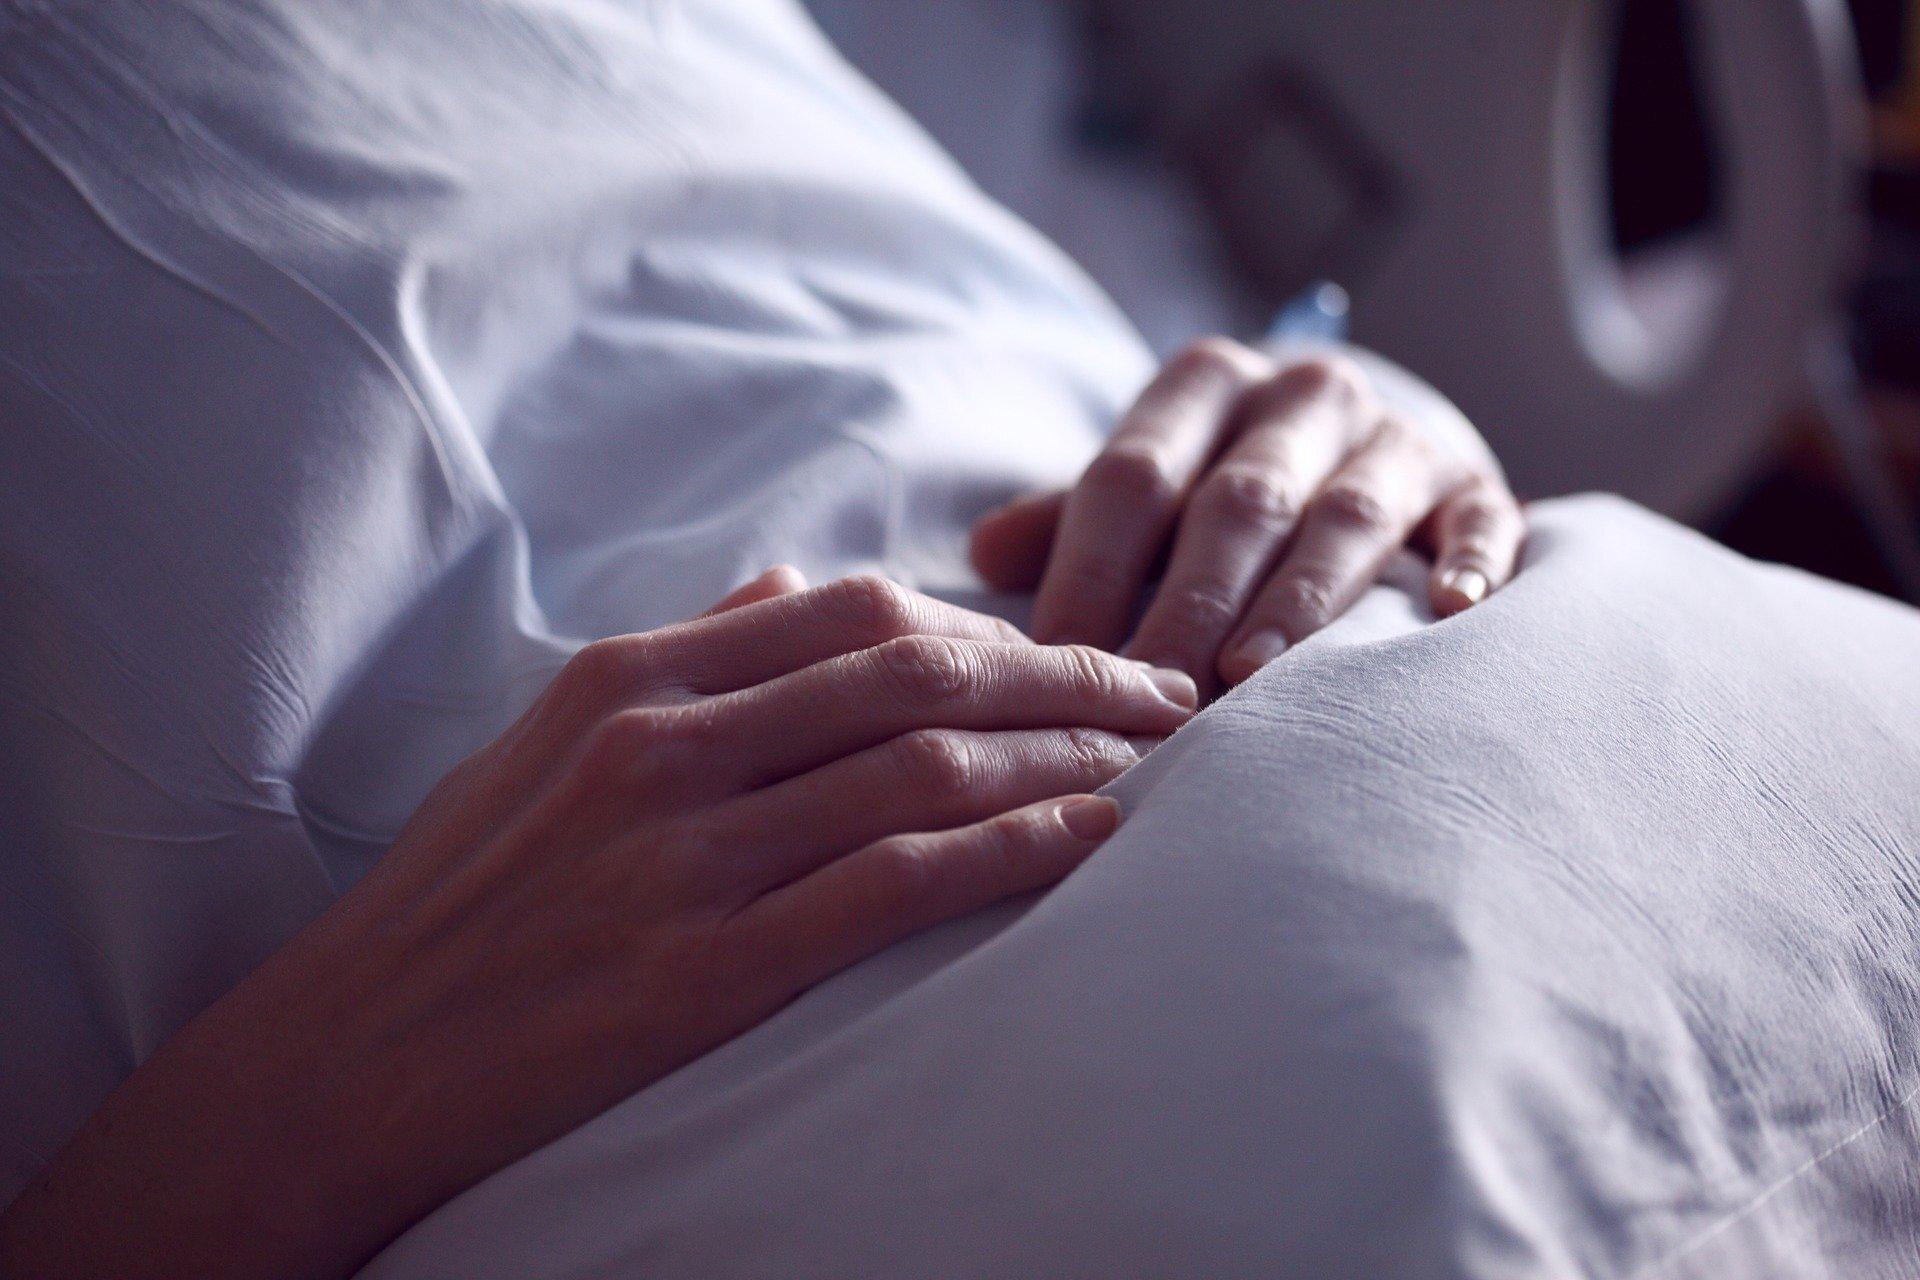 'Kein Vorteil' von hydroxychloroquine, um die virus: UK-Studie